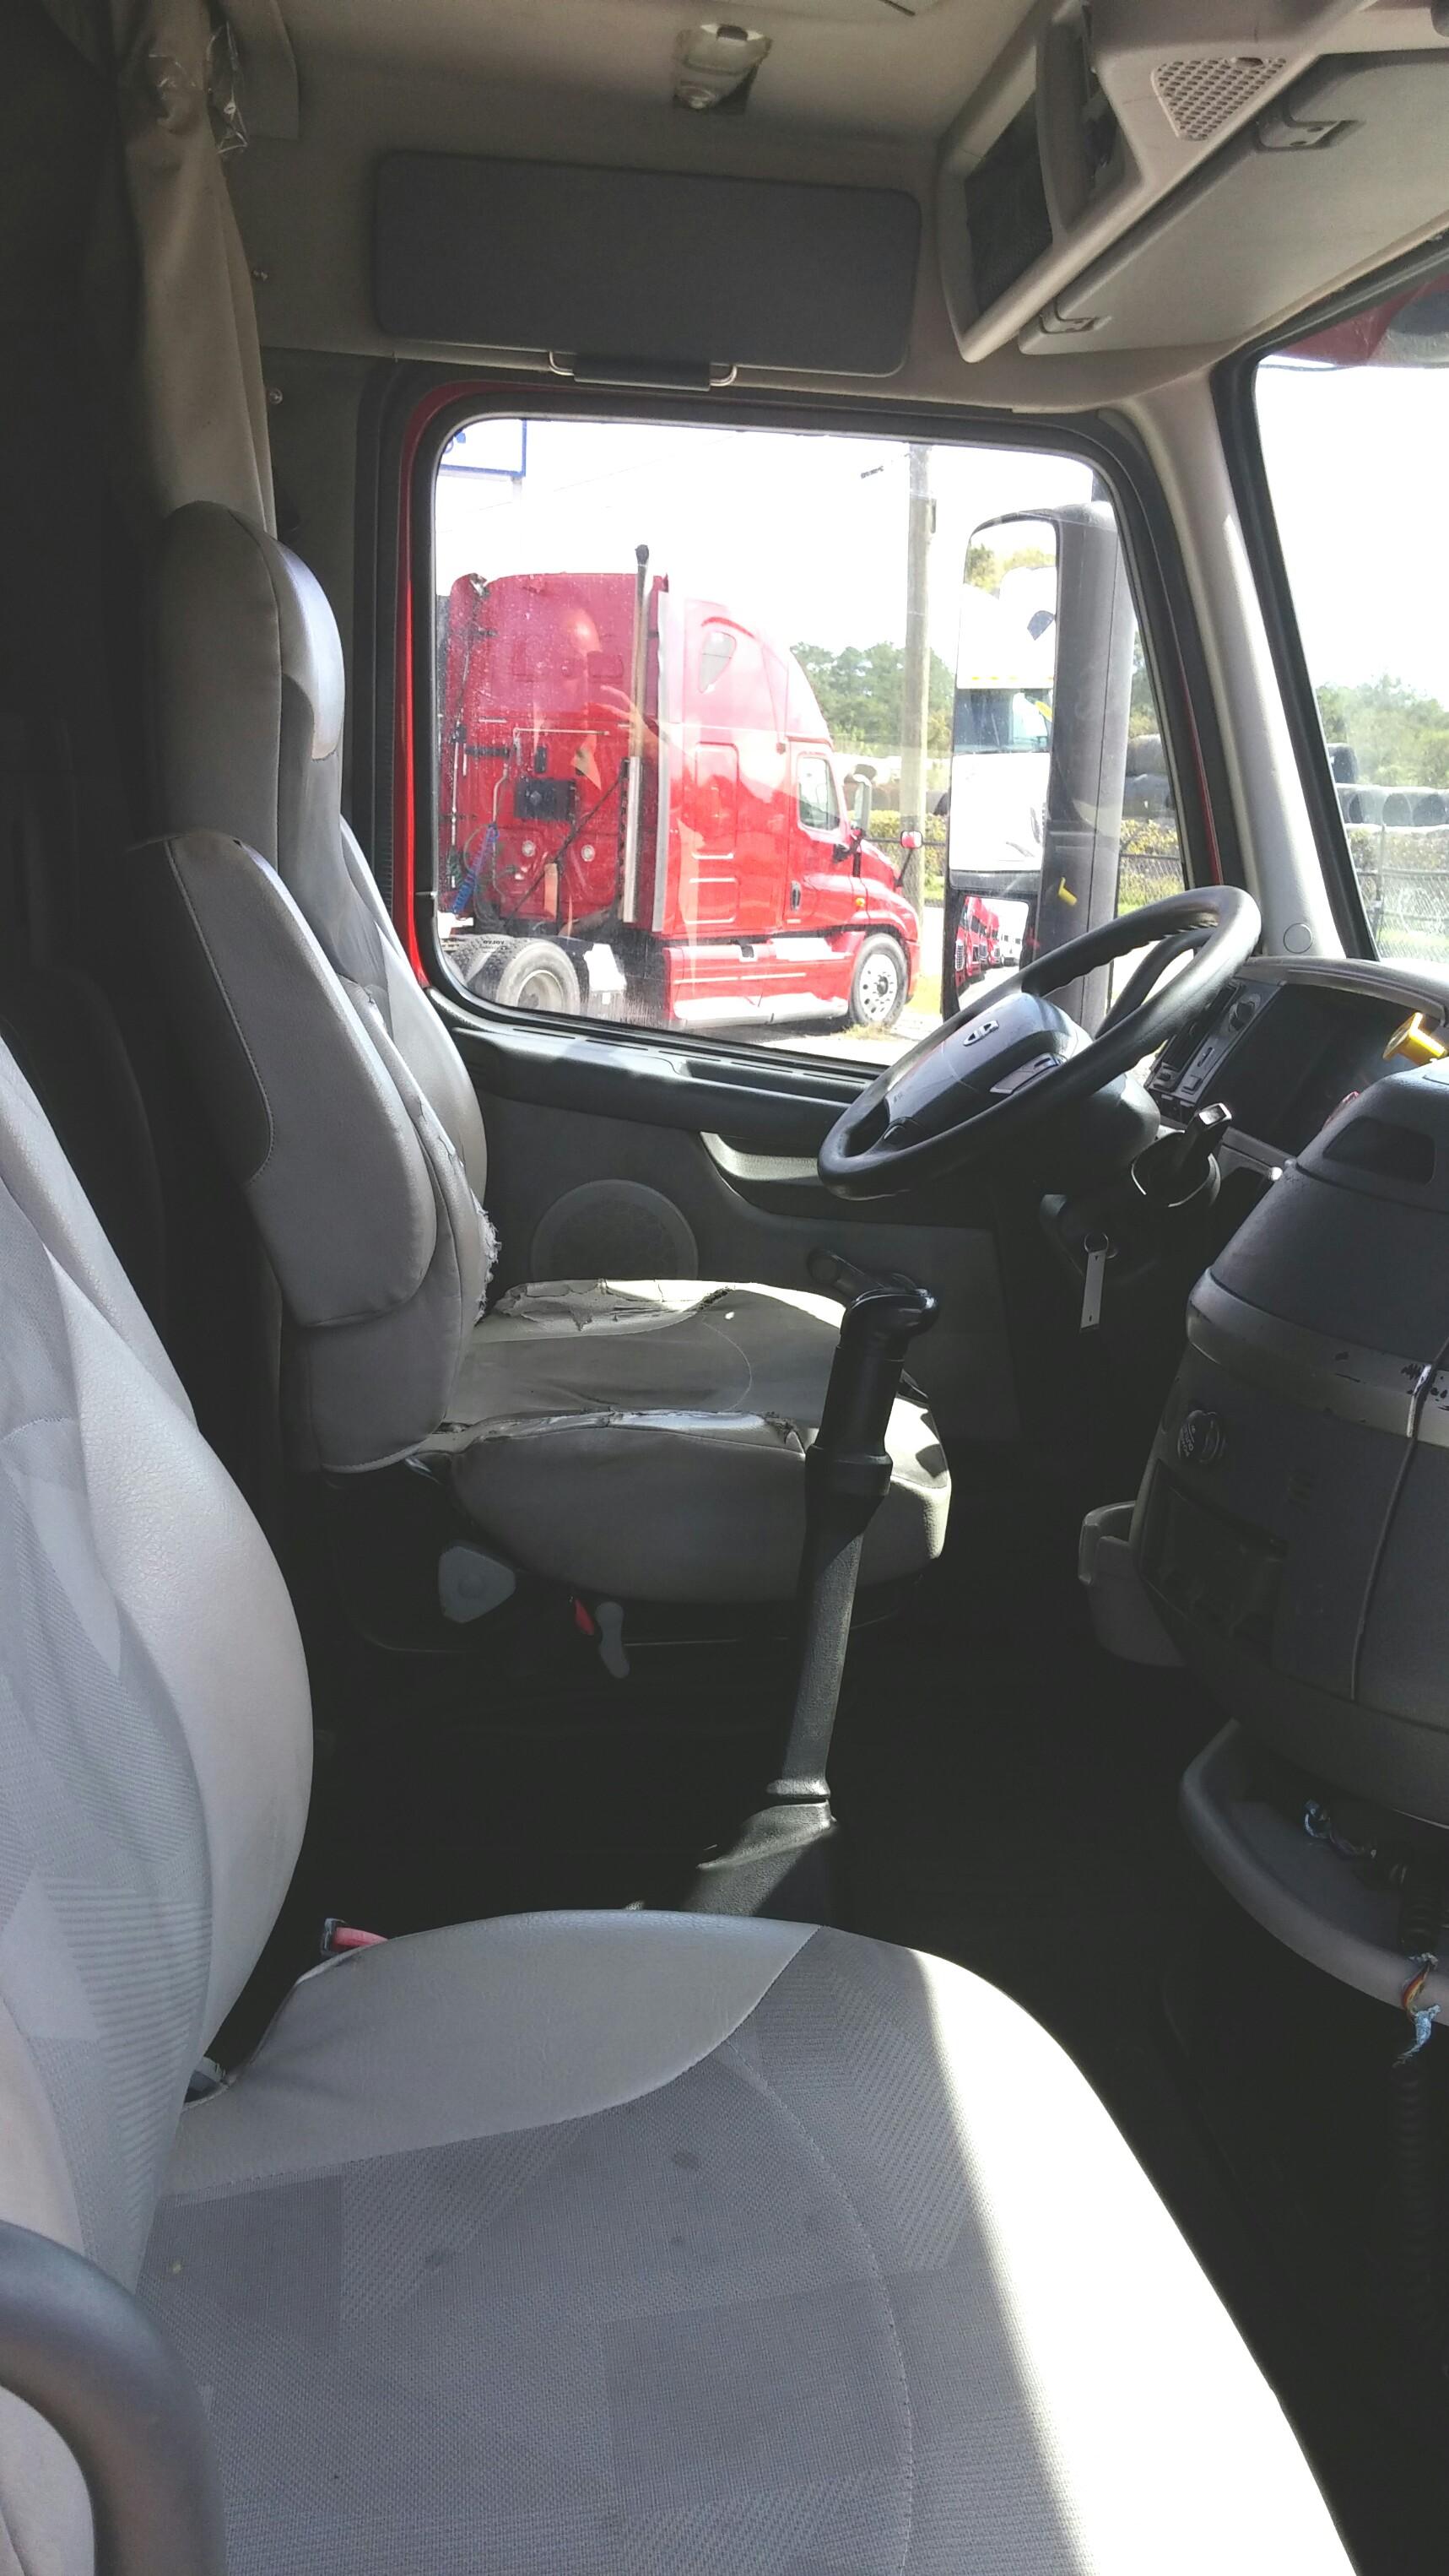 09 Volvo 670 interior